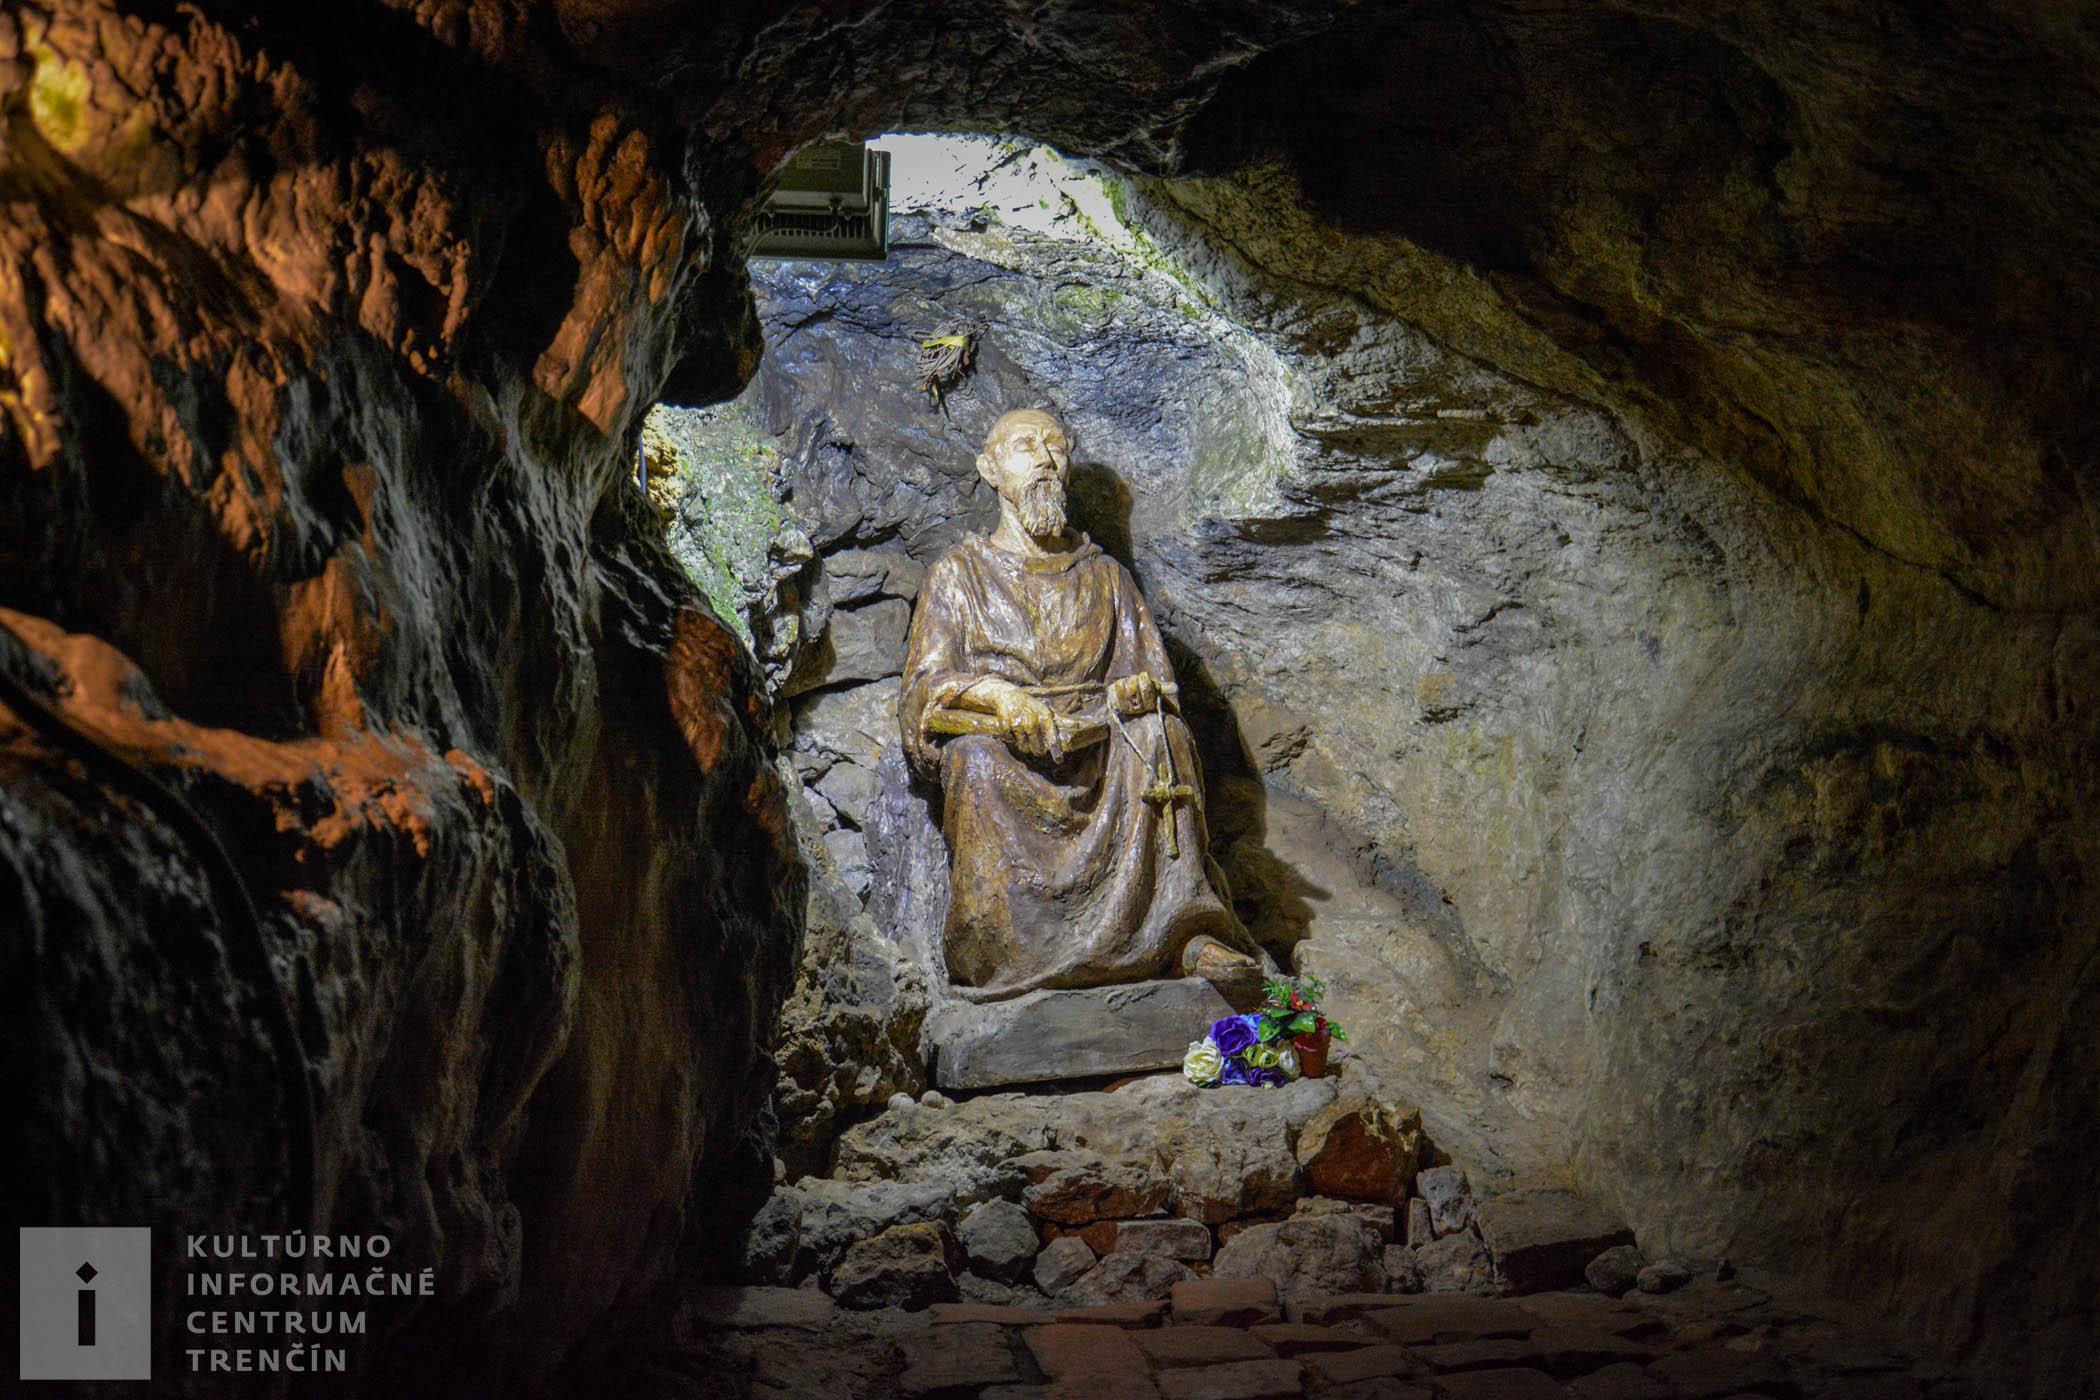 Socha pustovníka v jaskyni v kláštore na Veľkej Skalke / Statue of a hermit in the Monastery Cave